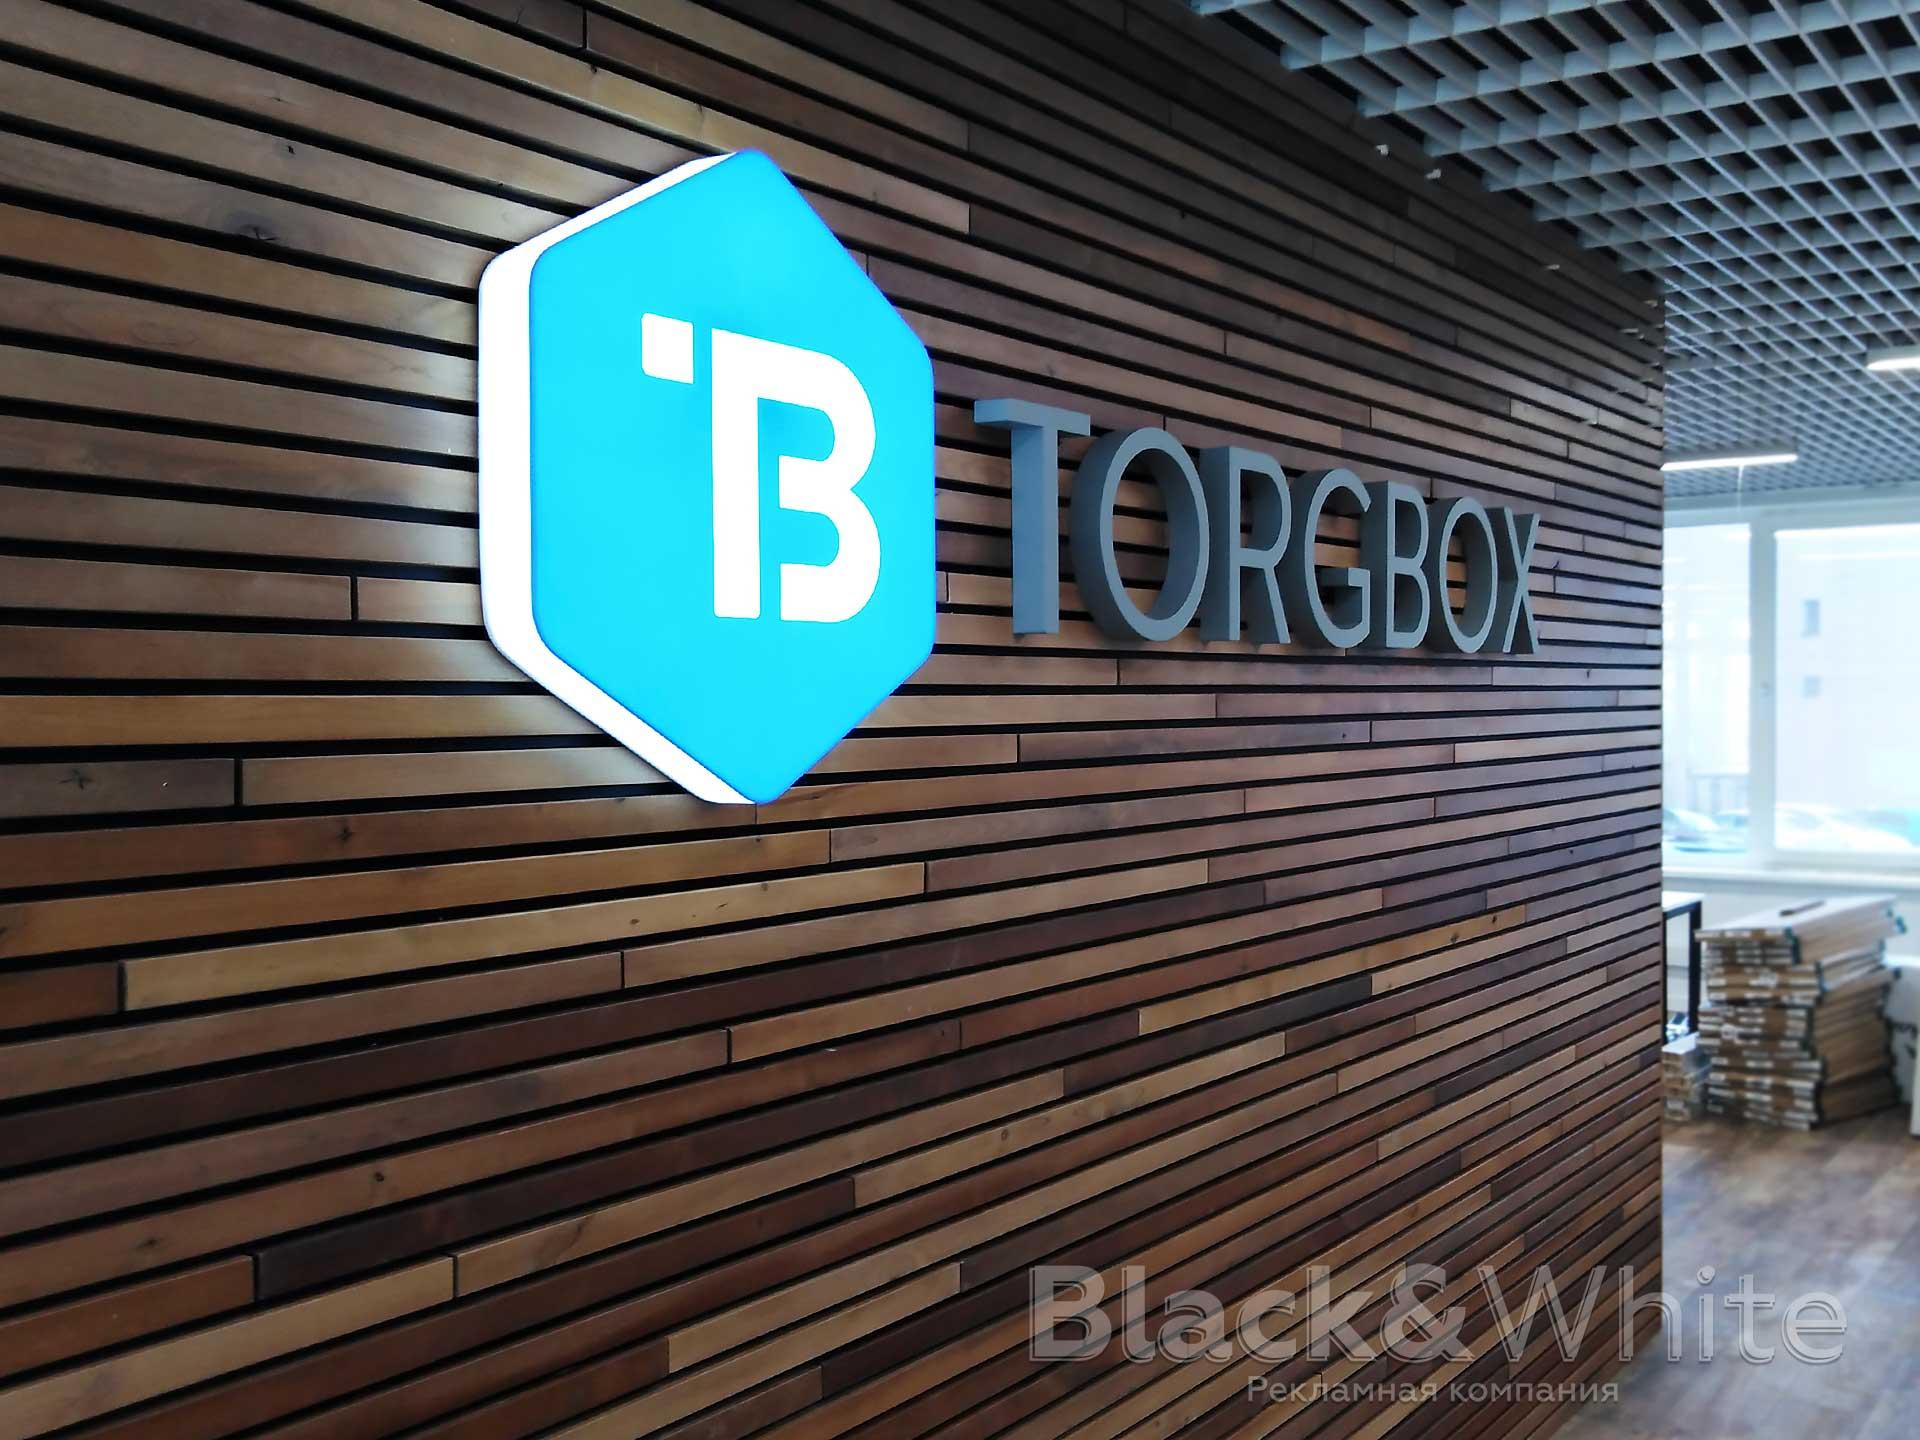 Объёмные-световые-буквы-на-стену-изготовление-в-Красноярске.jpg